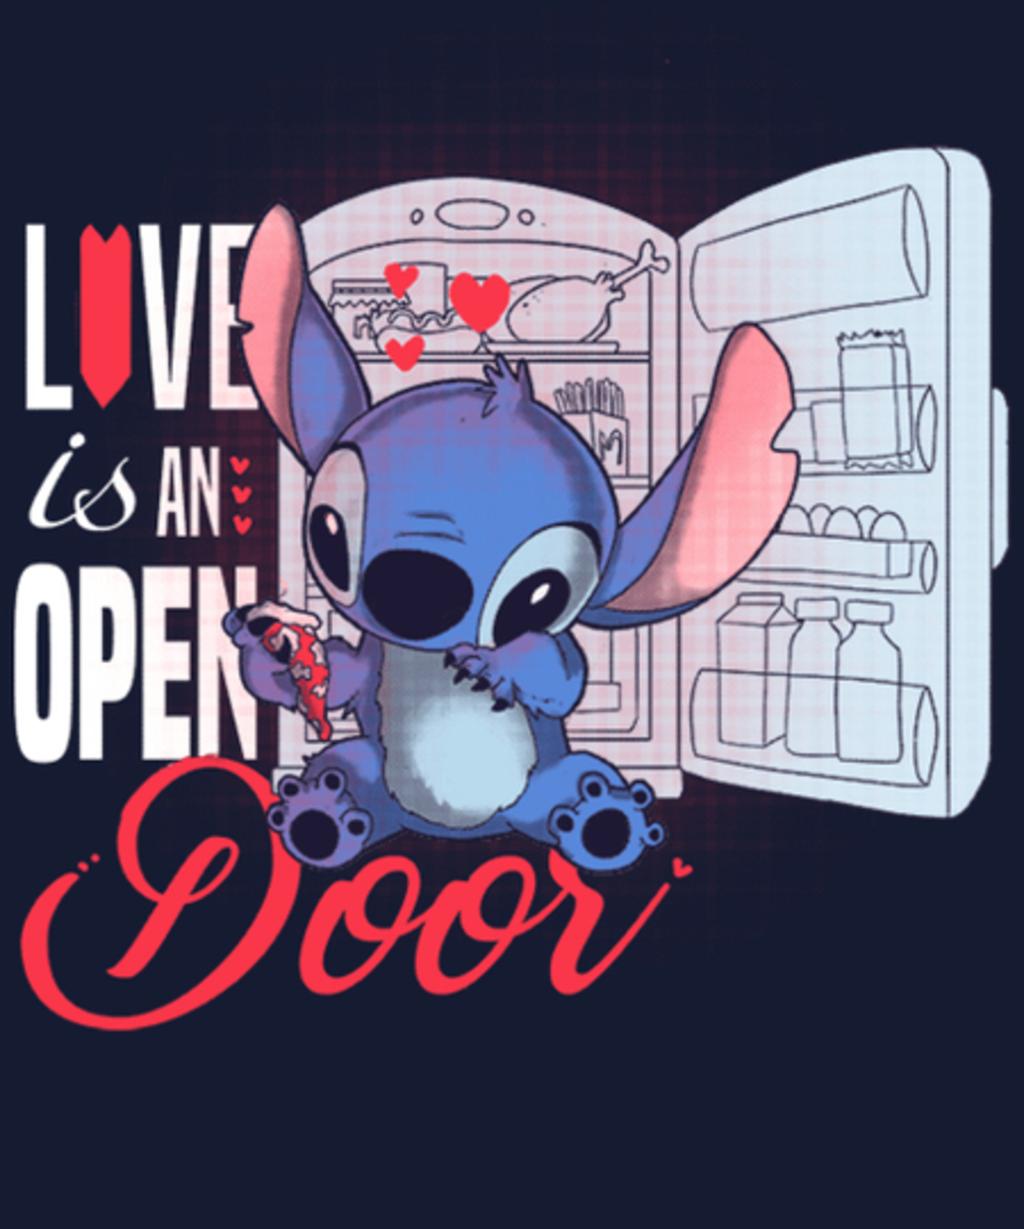 Qwertee: Love is an open door